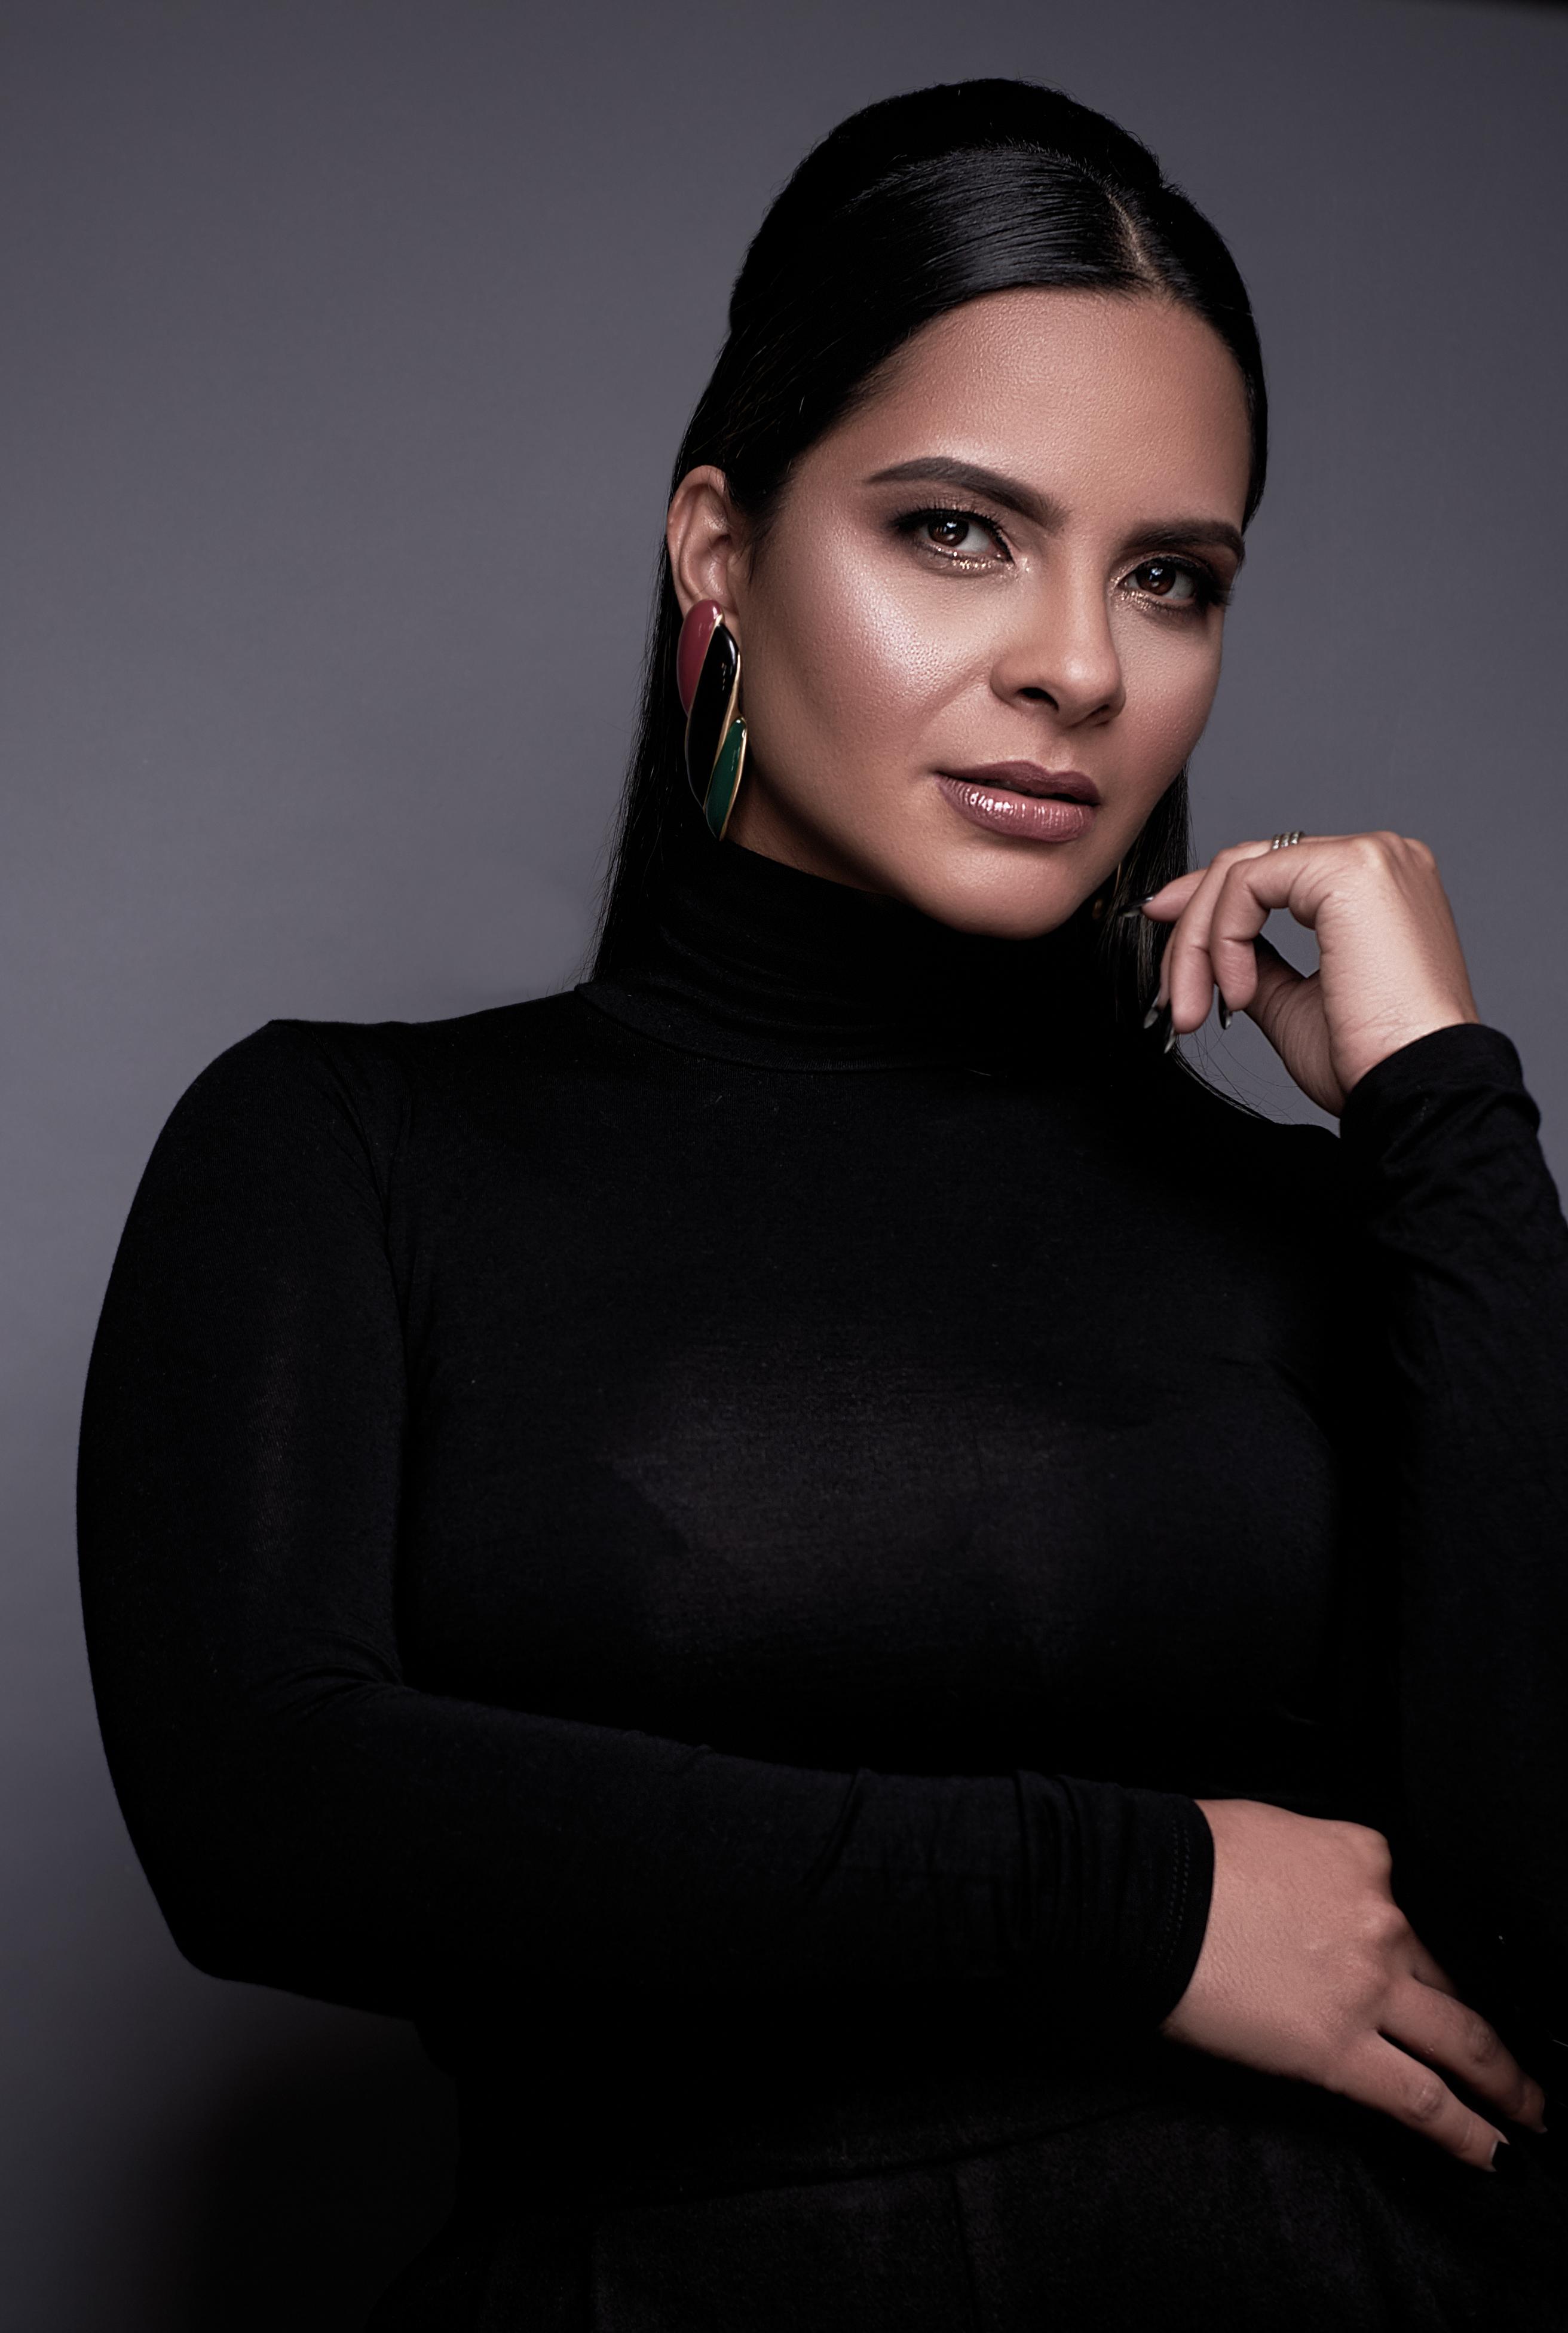 Entrevista a Leti Faviani, la chilena-venezolana que se presentará, y de forma digital, en el Fashion Designers of Latin America-NYFW